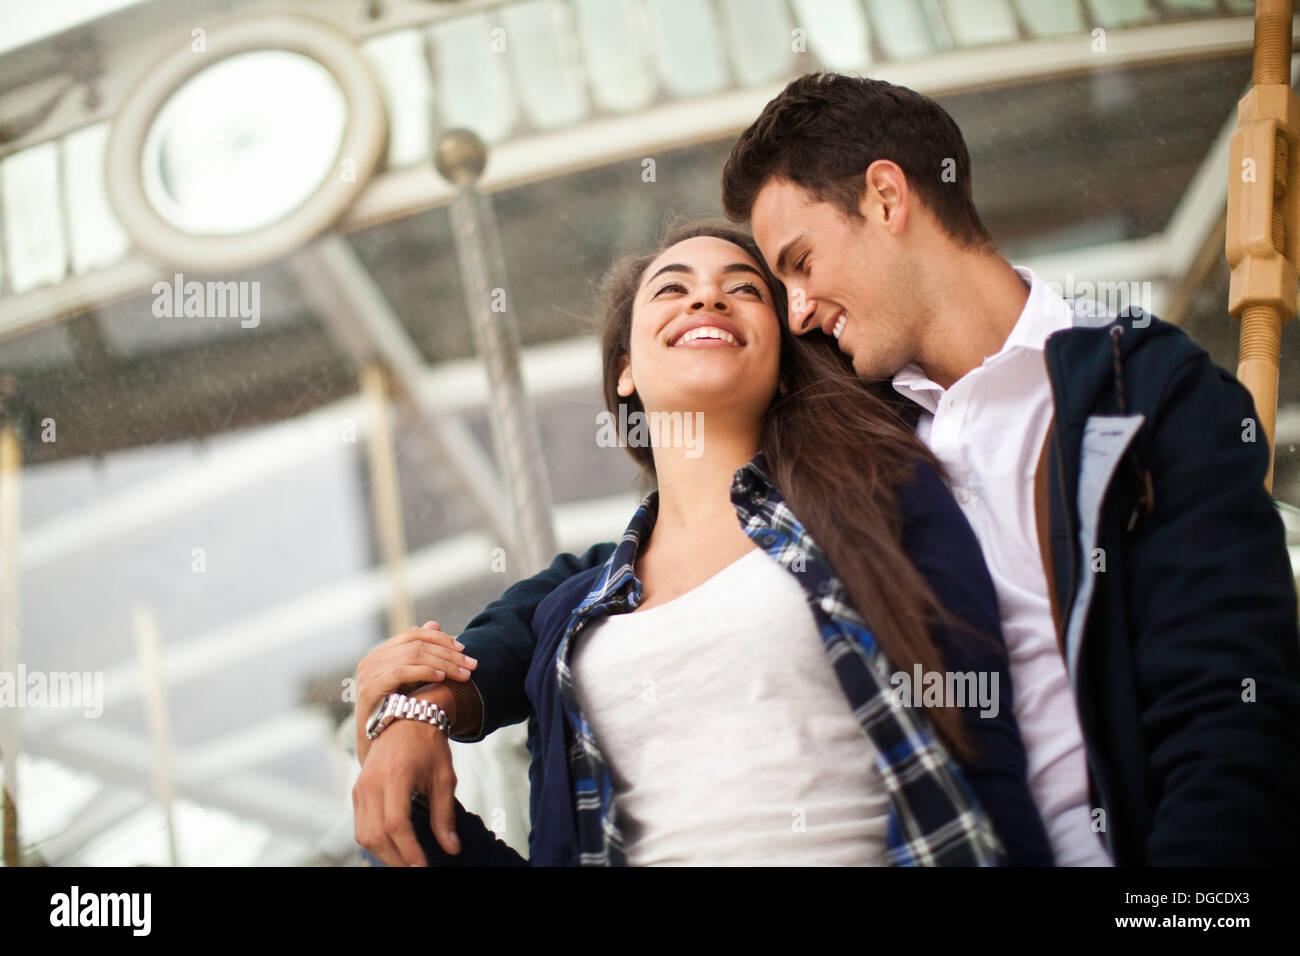 Joven con brazo alrededor de la mujer, sonriente Imagen De Stock